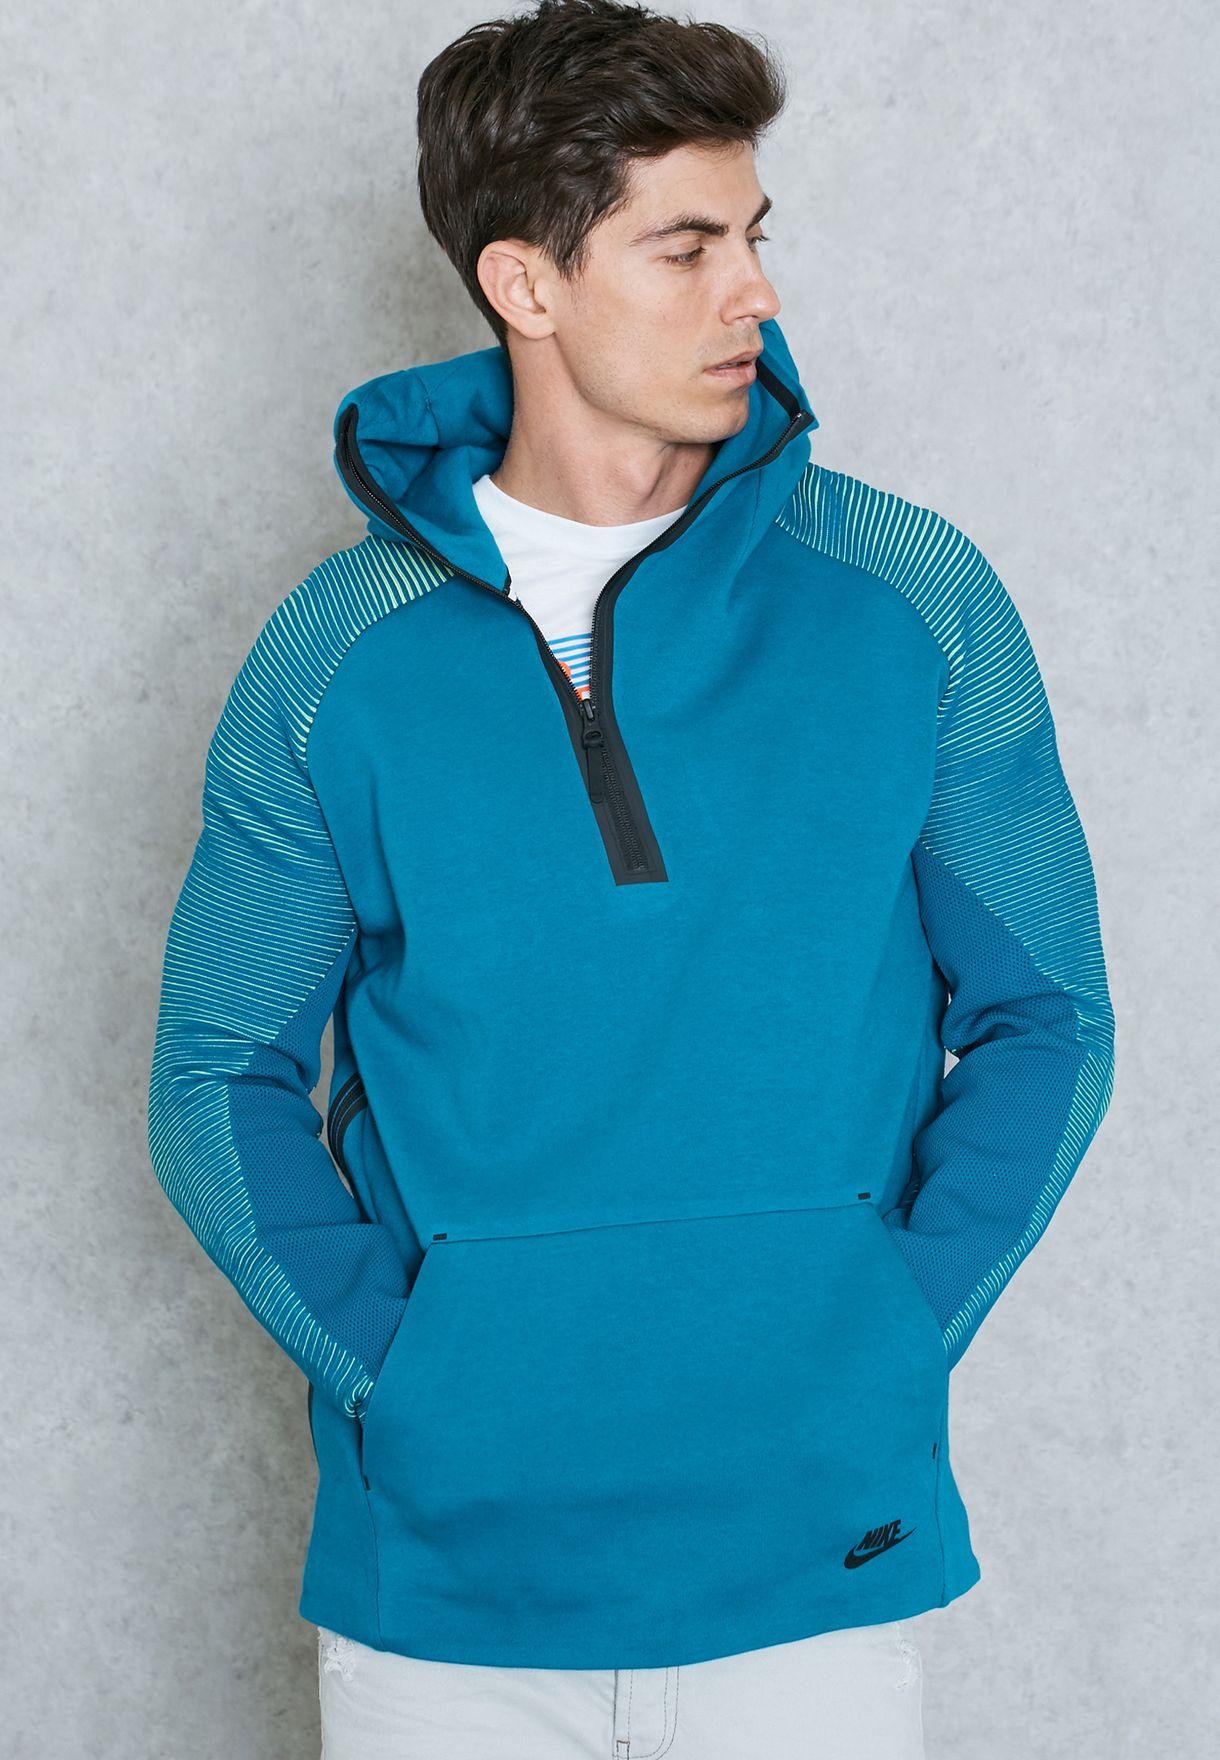 Size Xl 805655 301 /<New/> Nike Sportswear Tech Fleece Half-Zip Hoodie